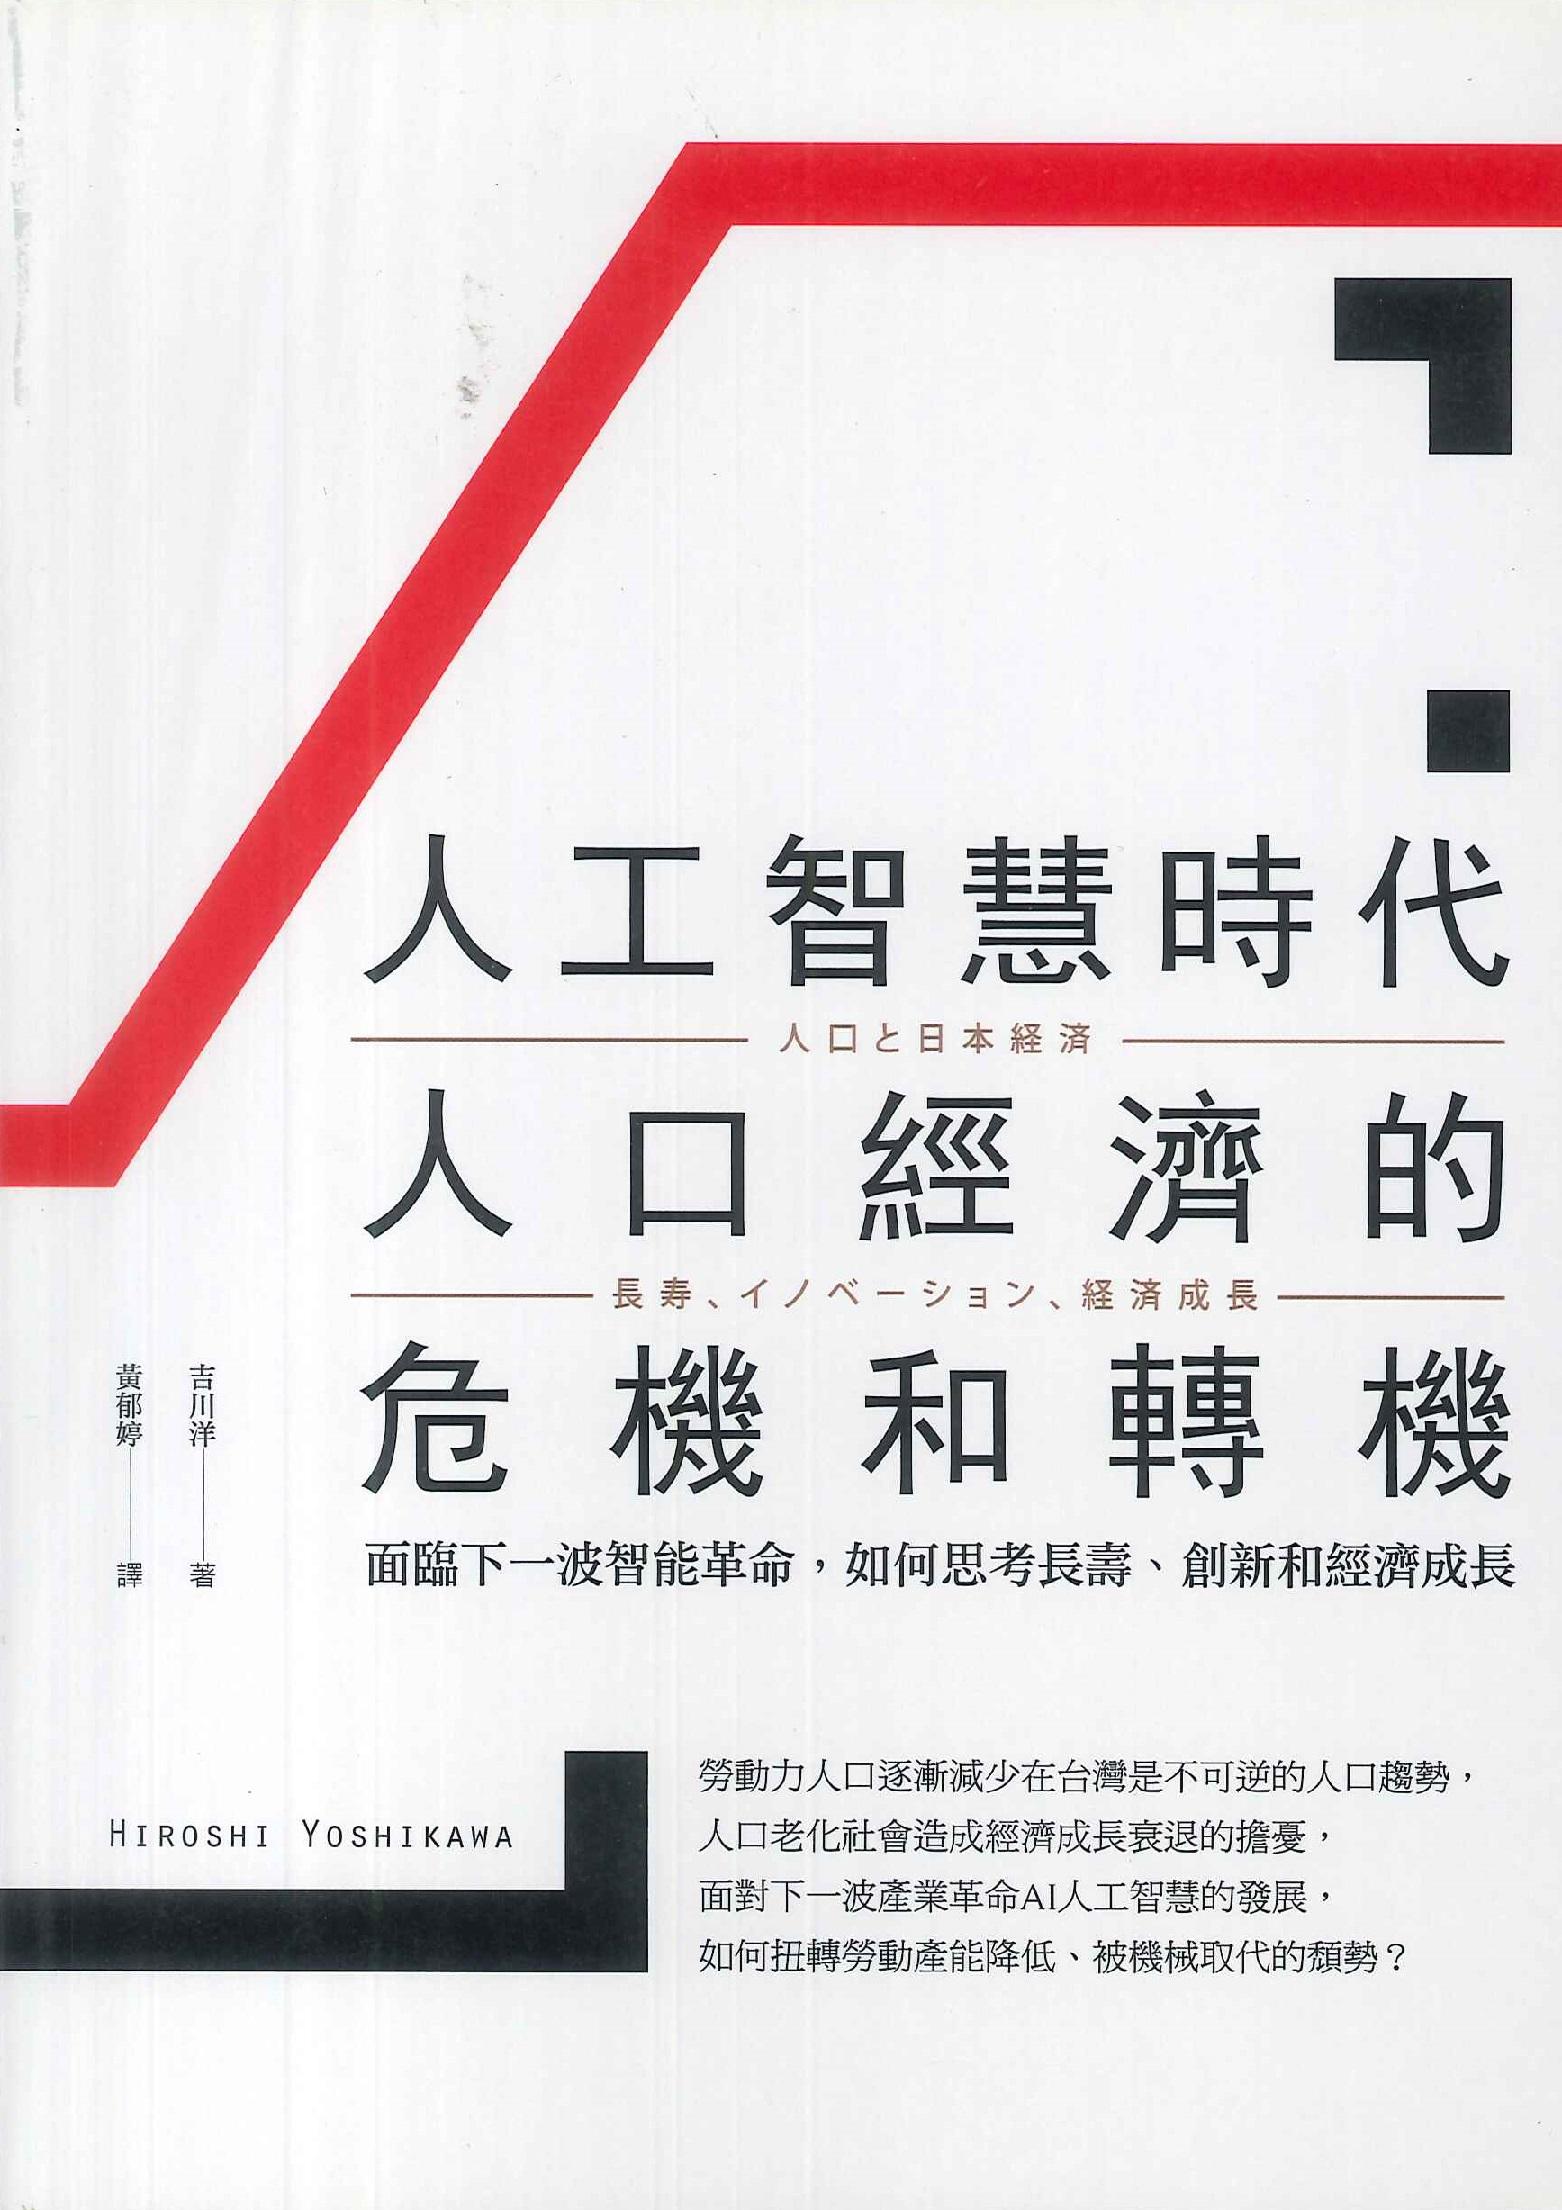 人工智慧時代人口經濟的危機和轉機:面臨下一波智能革命,如何思考長壽、創新和經濟成長